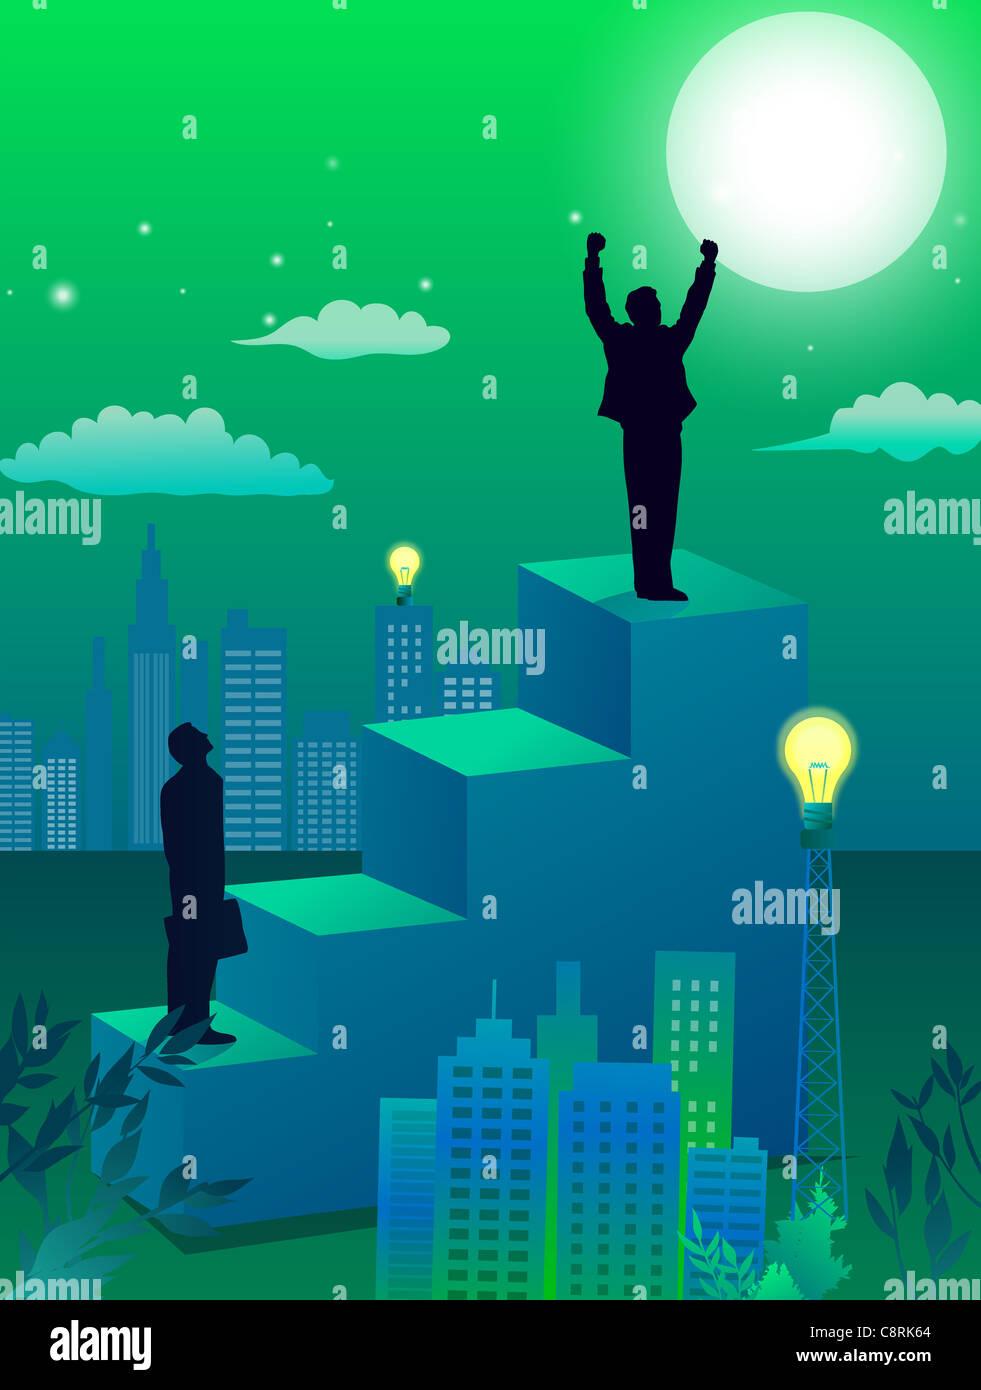 Ilustración de la ciudad y a dos hombres de pie alto en pasos Imagen De Stock